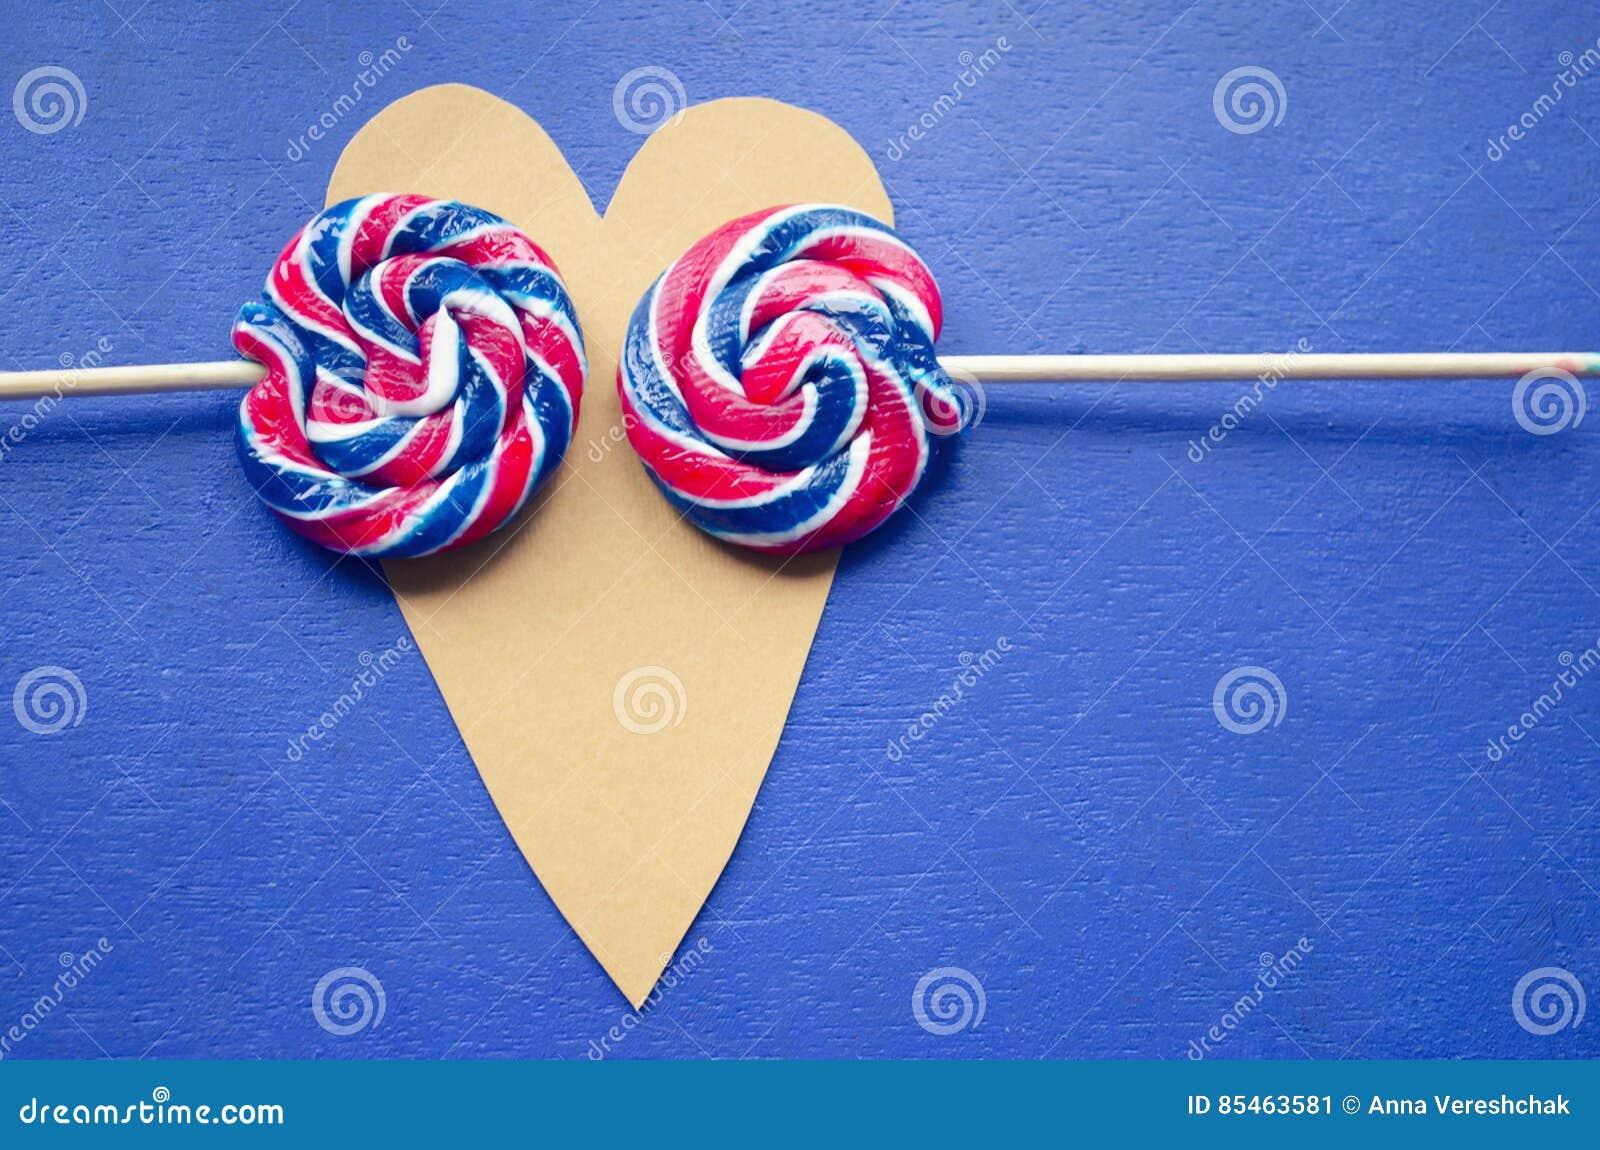 Andy-Strudelregenbogen ringsum zwei Lutscher auf Herz-förmigem Süßigkeitsstreifen auf einem Stock auf blauem Hintergrund Zu küsse